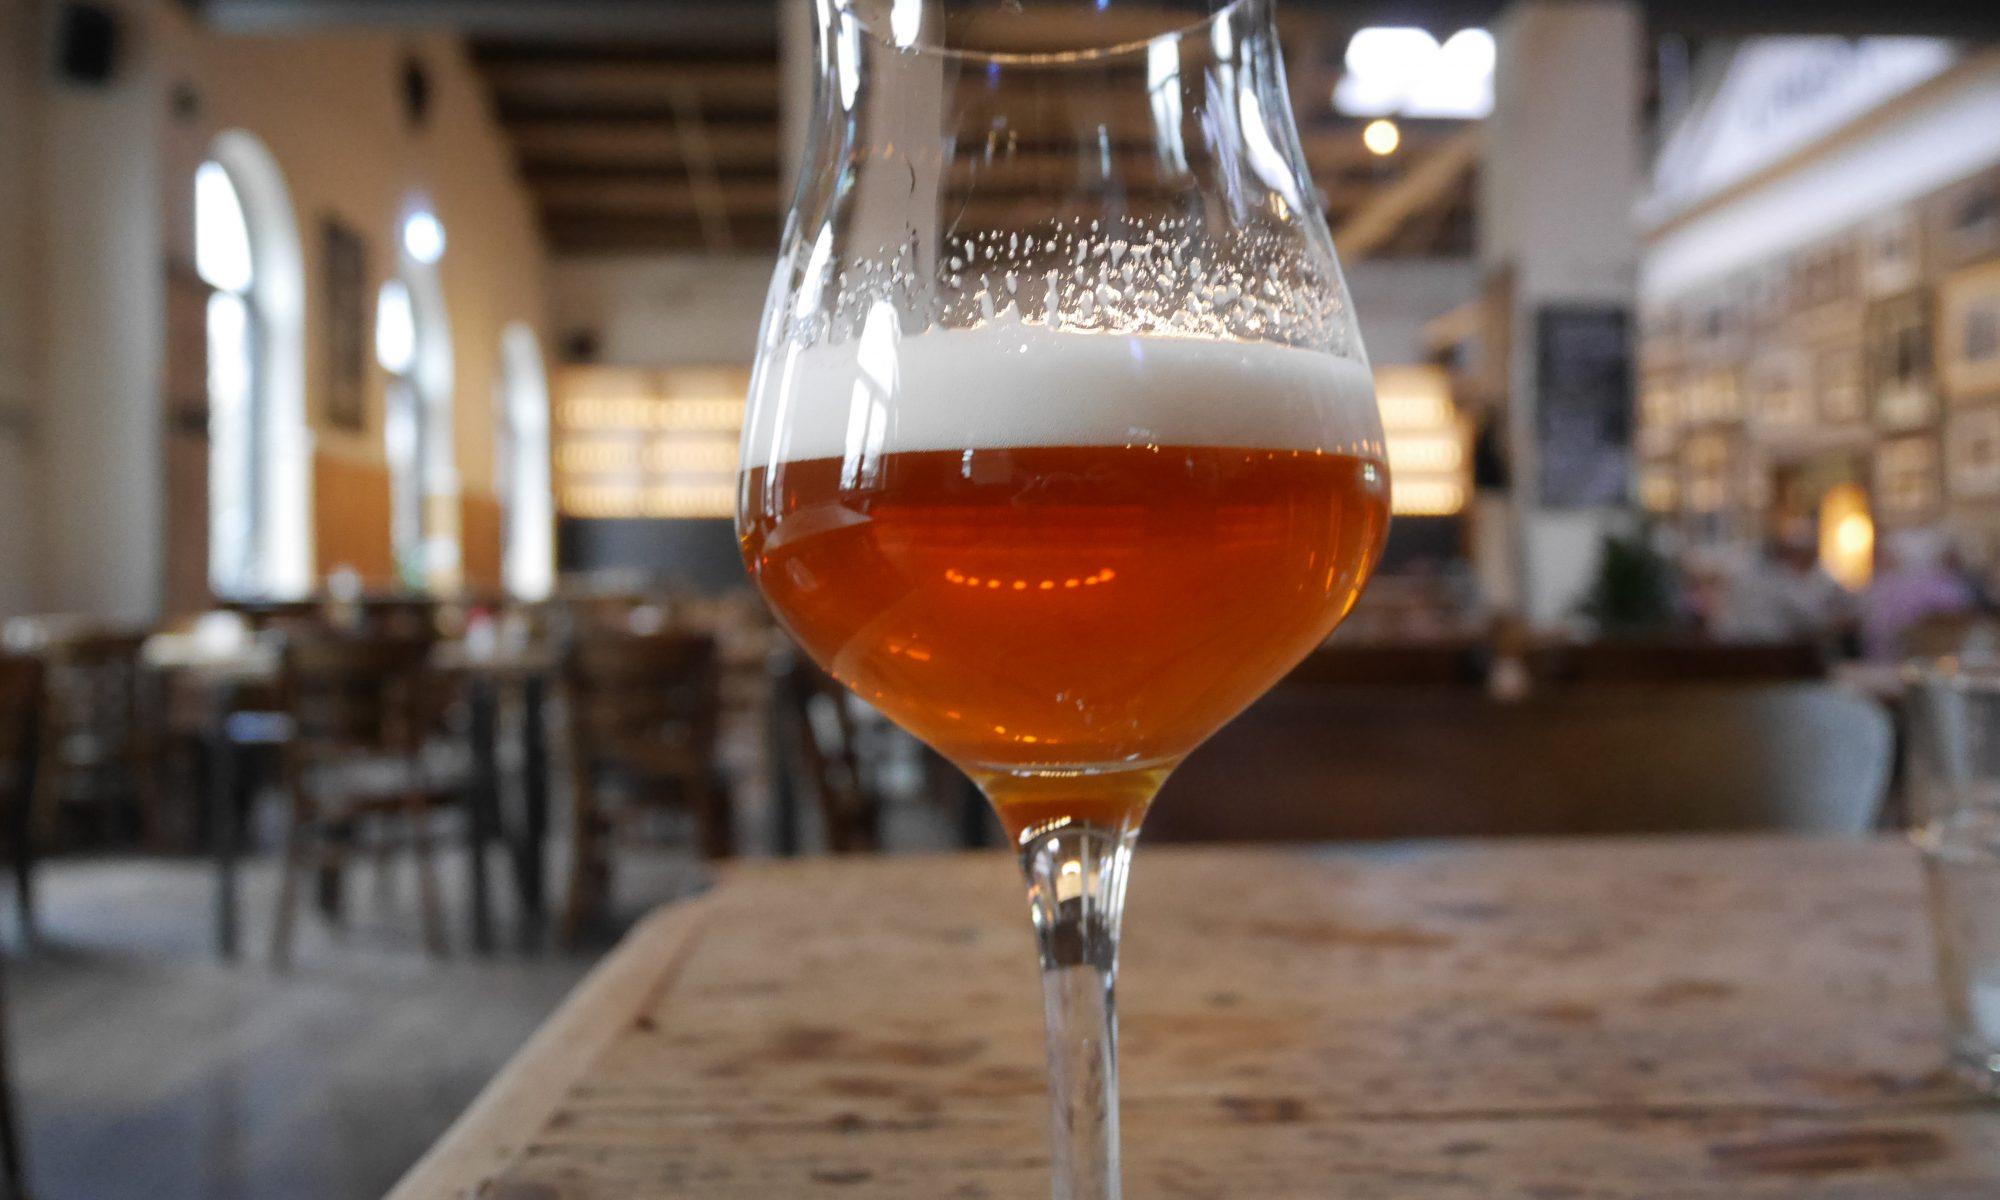 Bier Pubs HHopcast Bars ans Stores